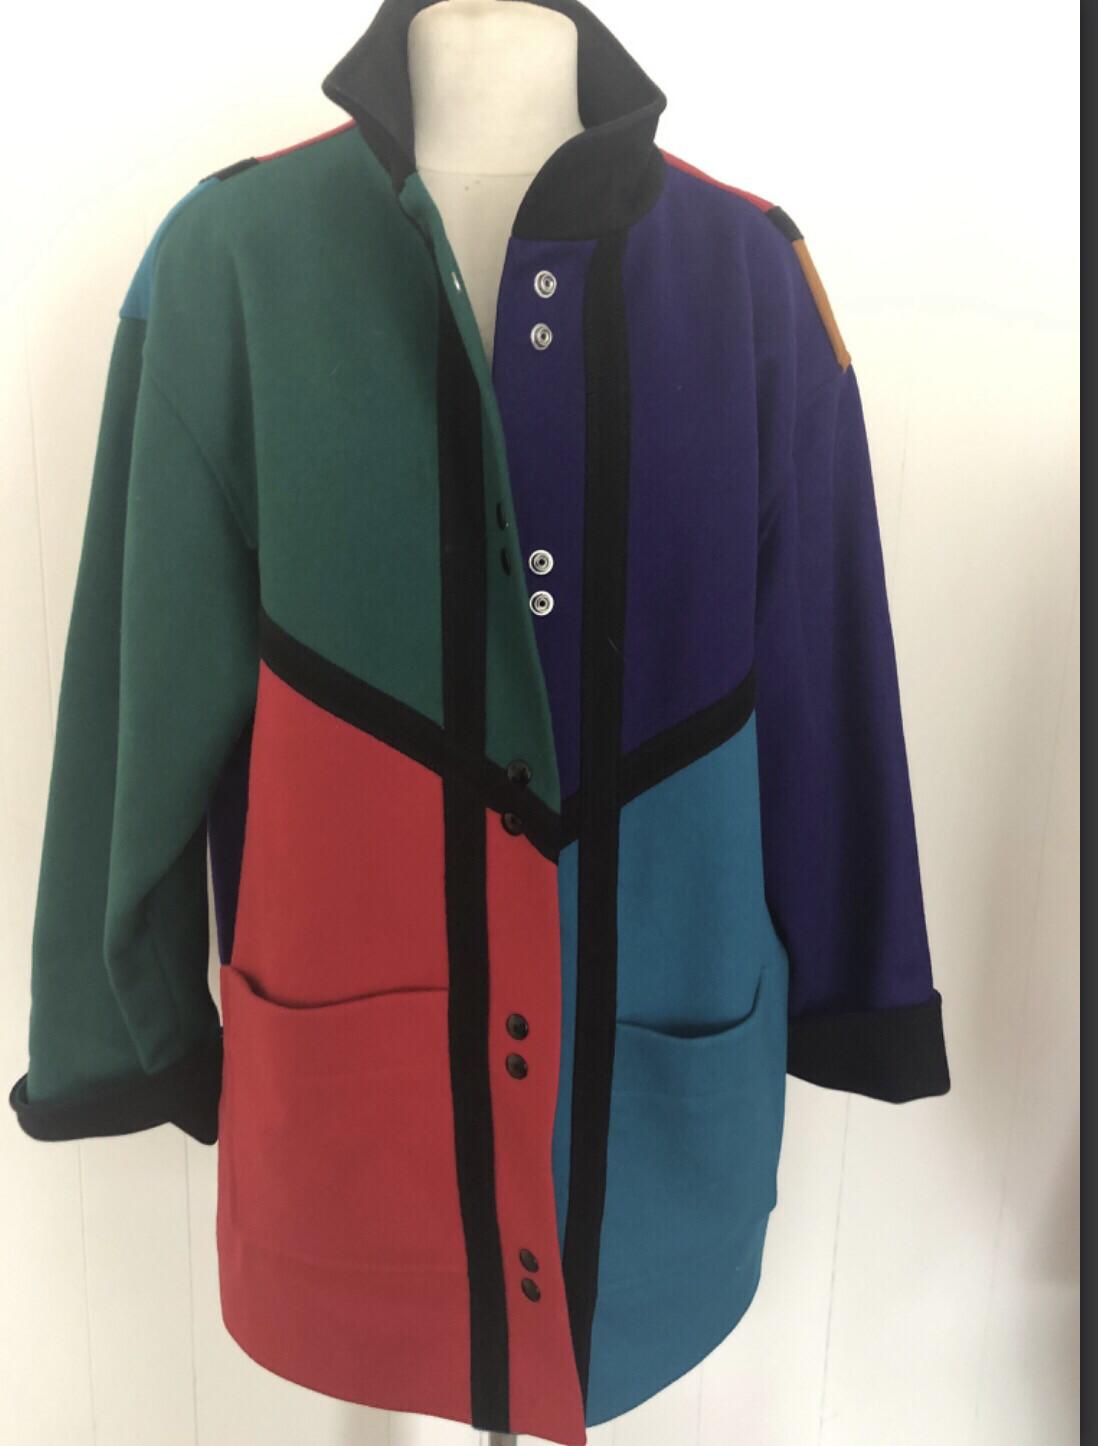 Colorpop Coat 2 XL/1X